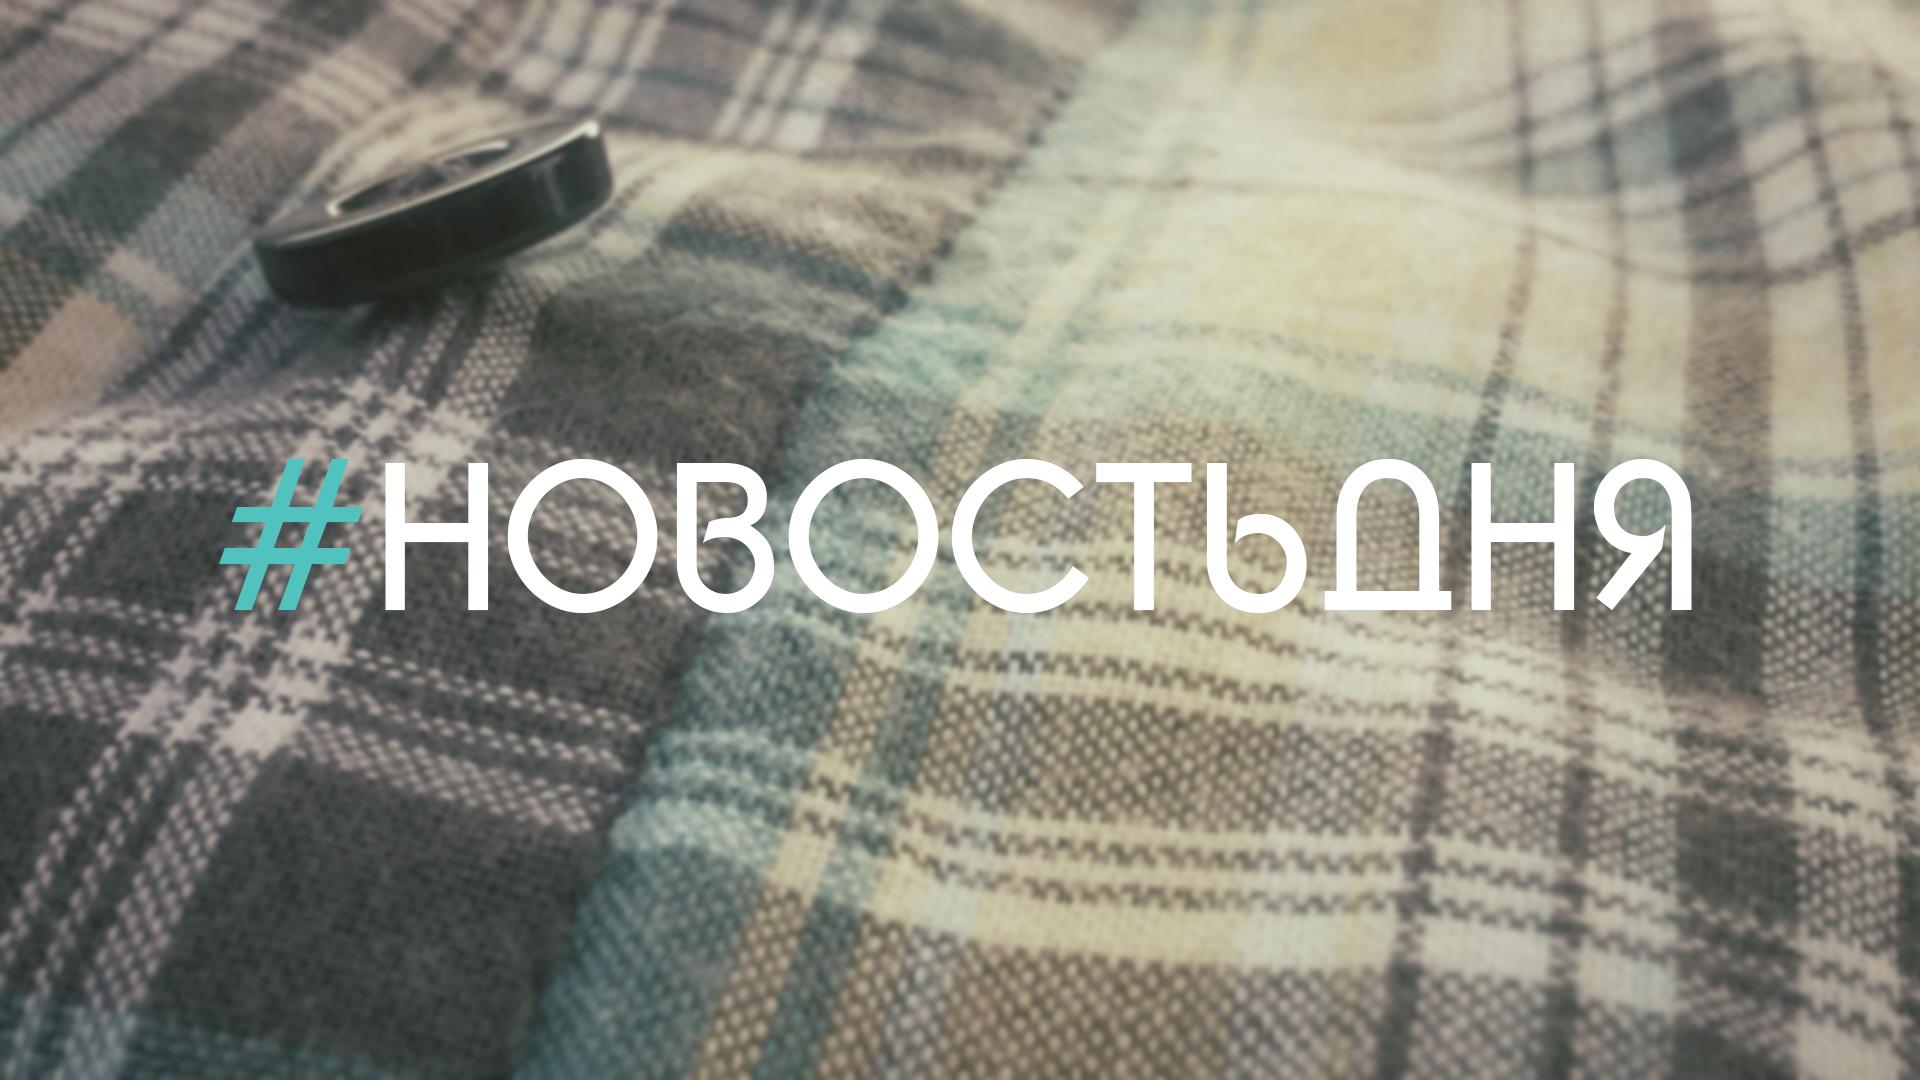 В Киеве возле кафе на Подоле мужчина получил огнестрельное ранение - Цензор.НЕТ 3647